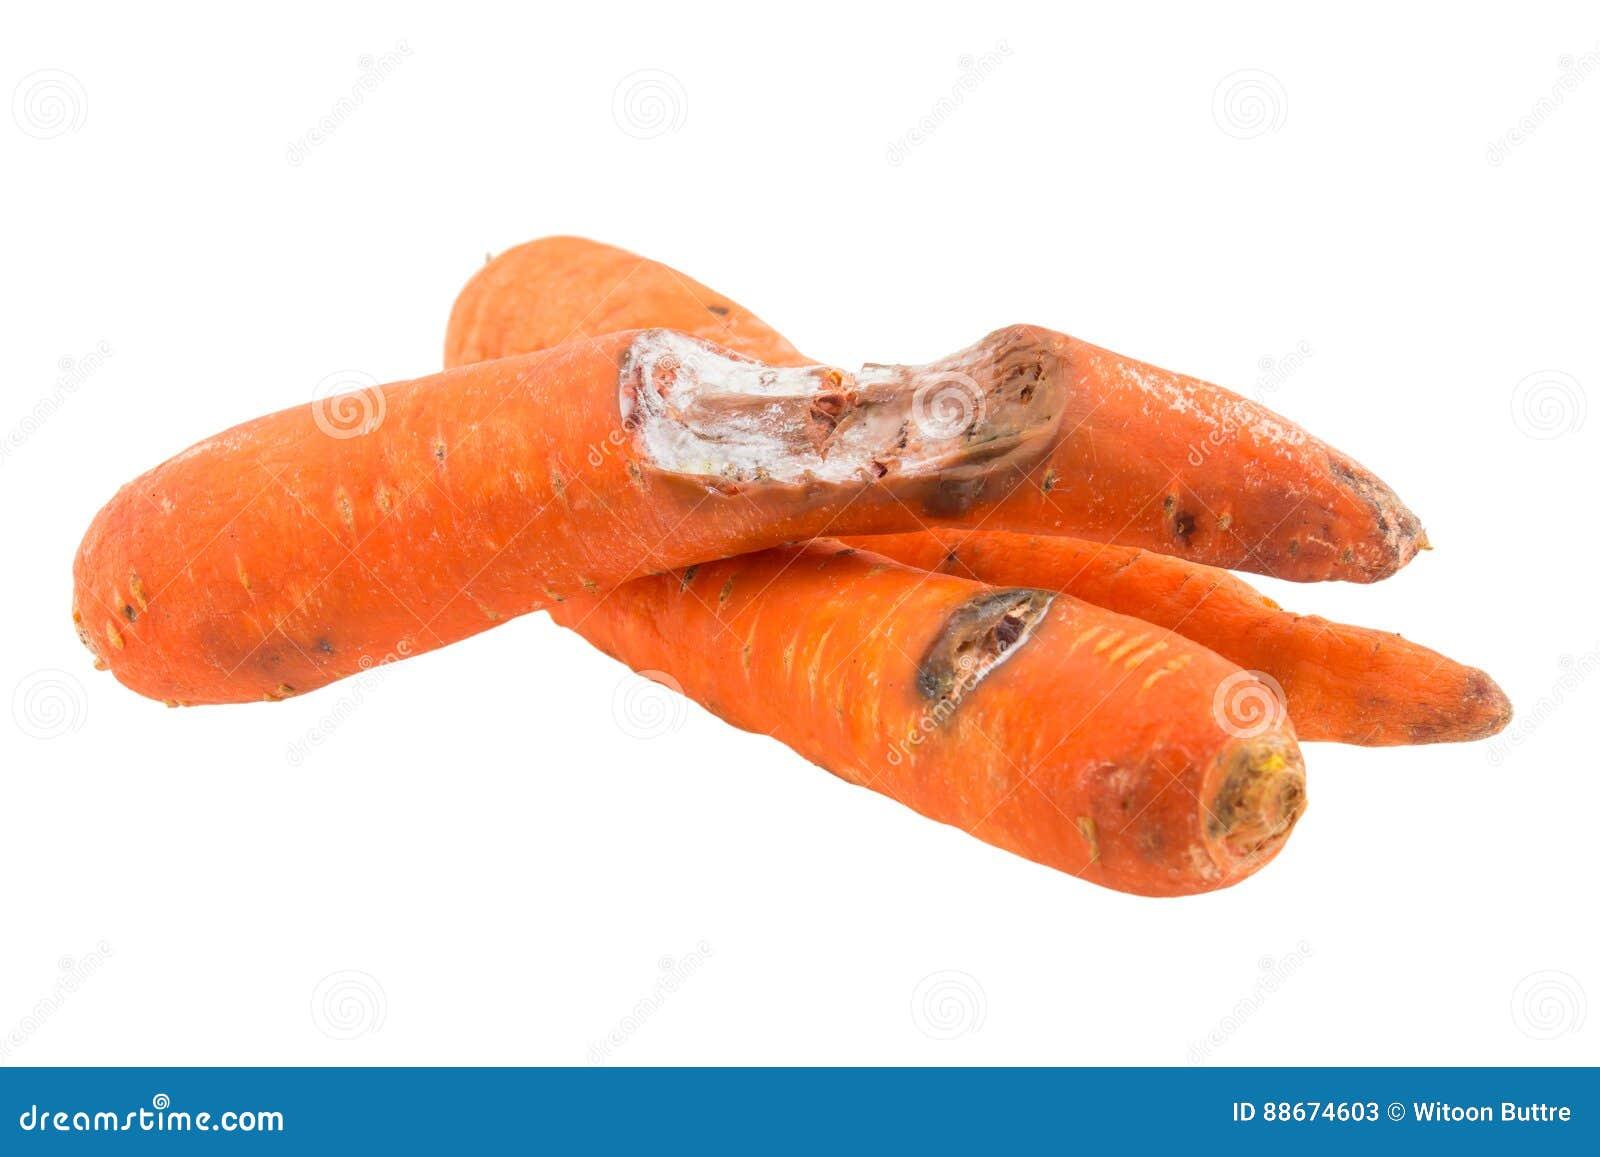 Zanahoria Putrefacta Aislada Imagen De Archivo Imagen De Aislada Zanahoria 88674603 Las zanahorias, cuyo componente más abundante es el agua, son alimentos llenos de nutrientes y soñar con zanahoria puede ser sinónimo de un buen porvenir, siempre y cuando nuestro estilo de. dreamstime